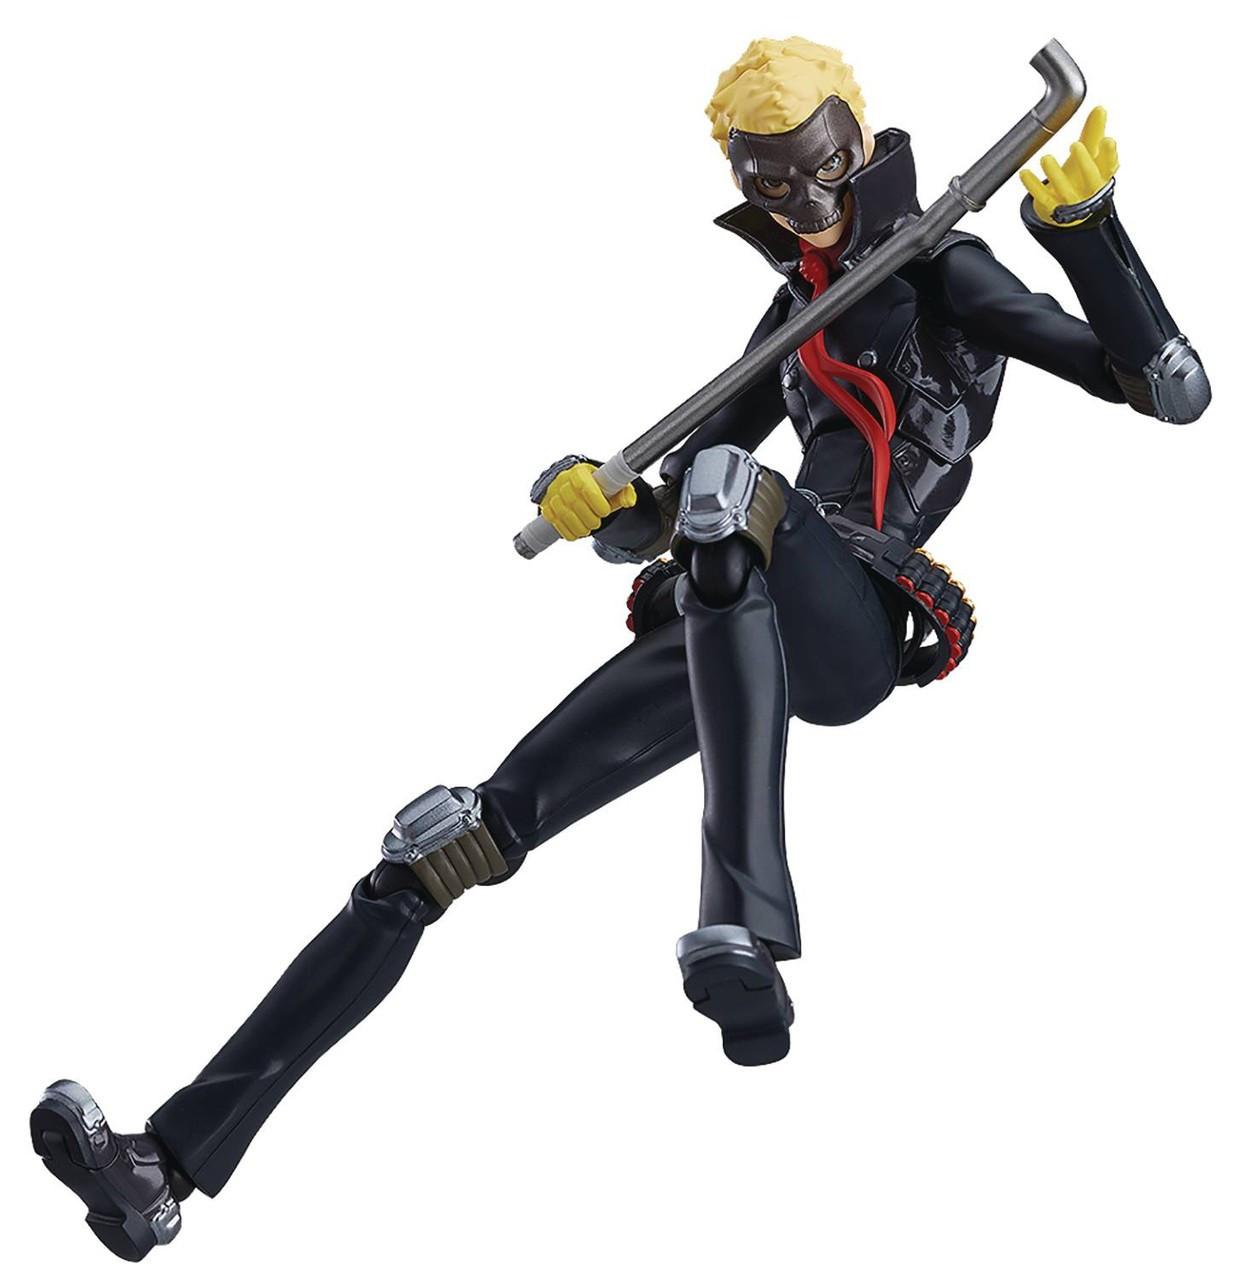 Persona 5 Figma Skull Action Figure Ryuji Sakamoto